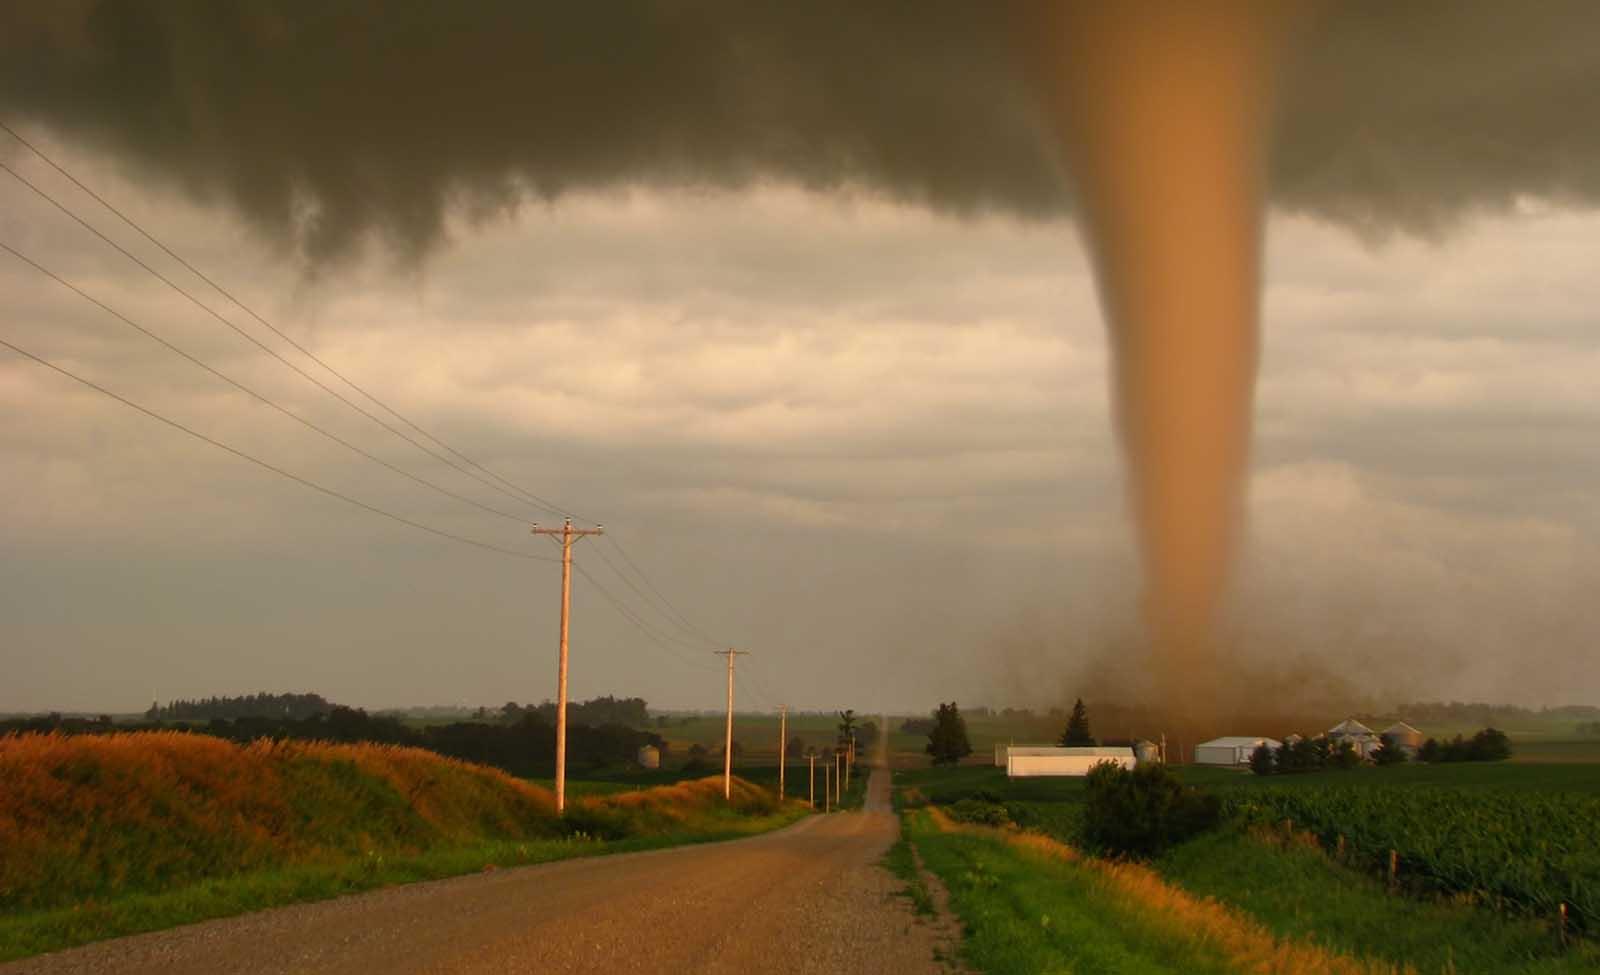 storm shelter financing